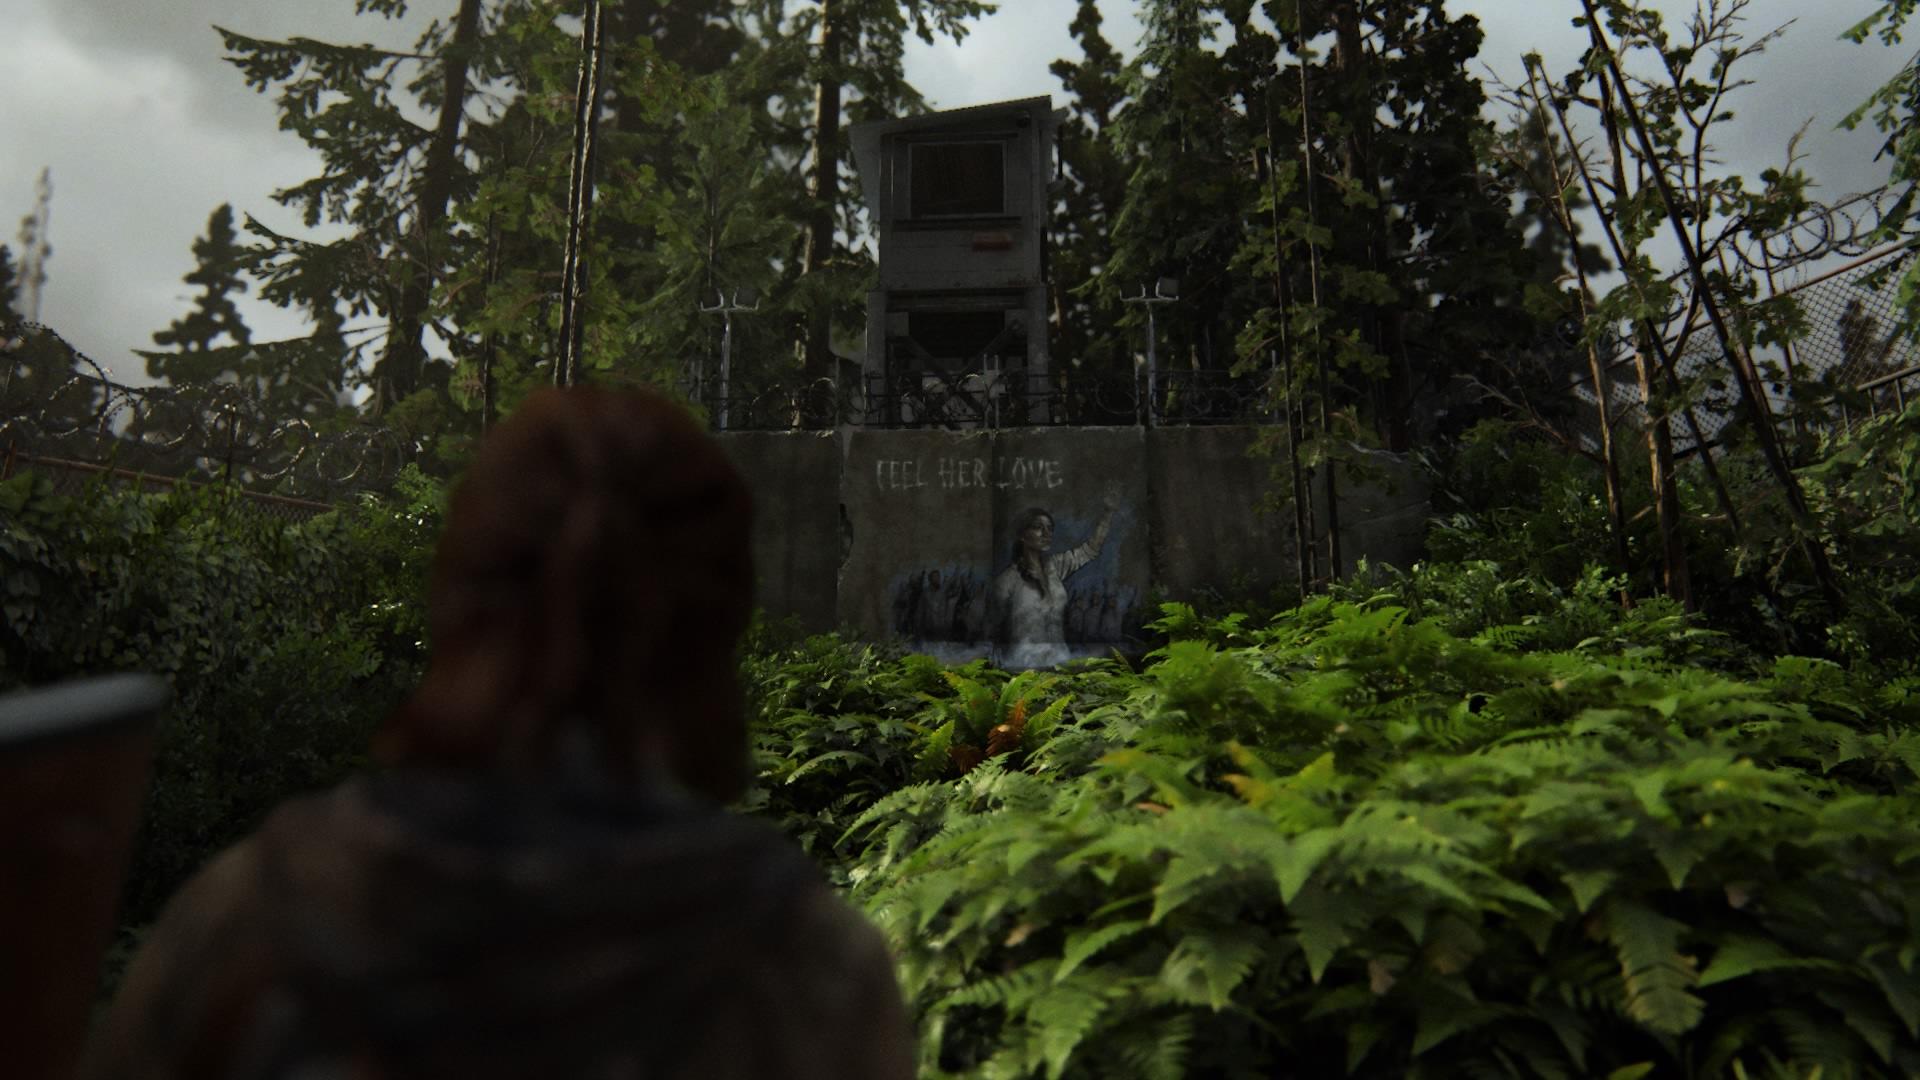 Zum Ersten Mal Trifft Ellie Auf Das Götzenbildnis Einer Sektenanführerin.